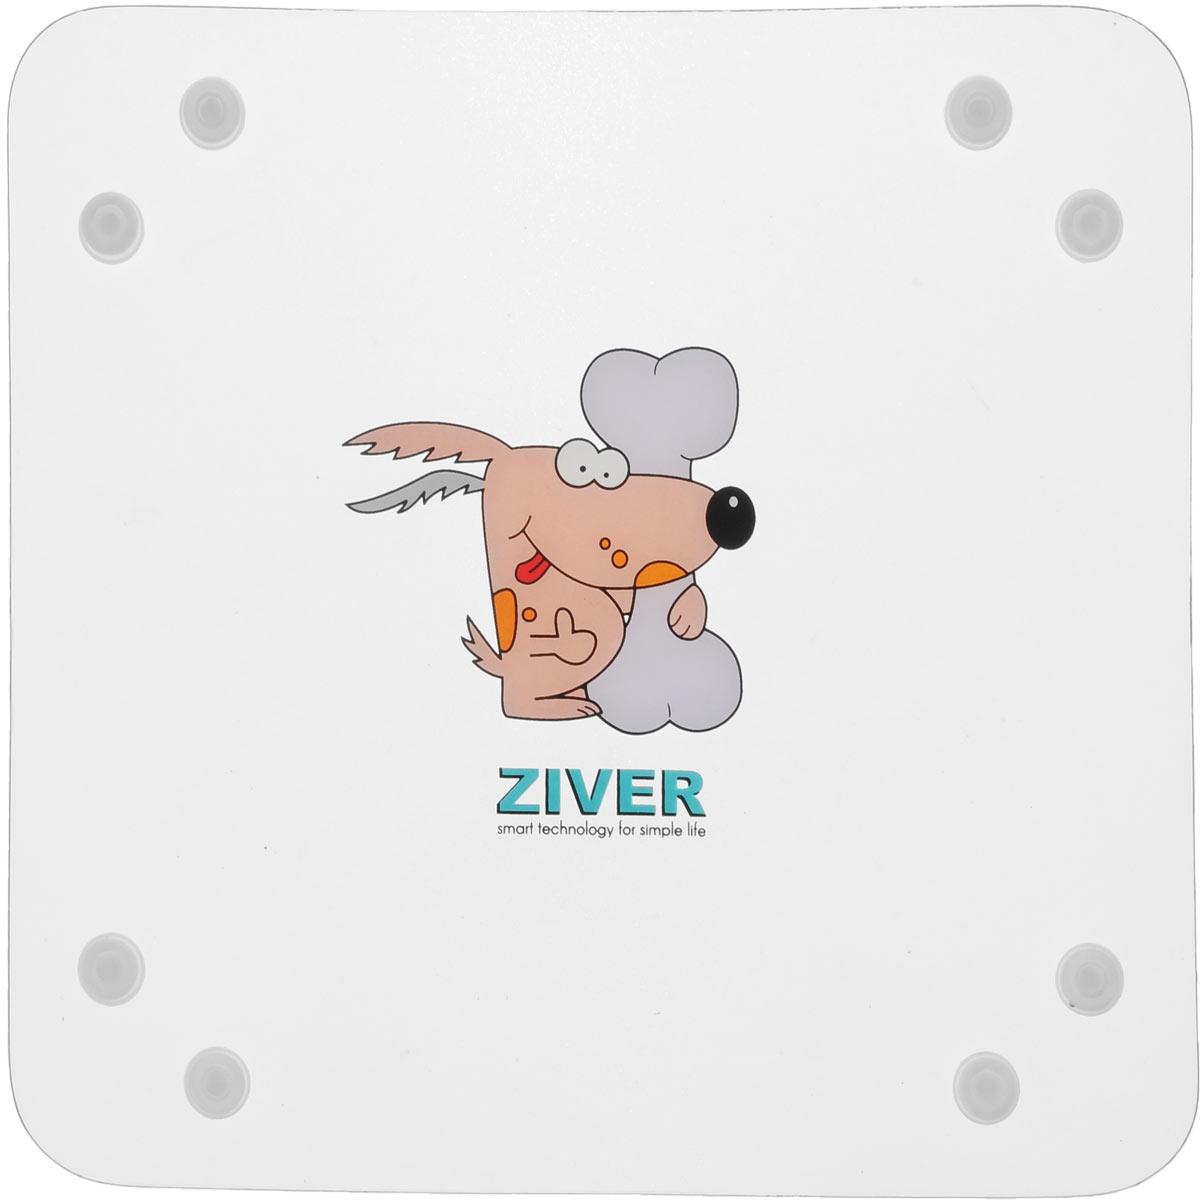 Миска дорожная Ziver для собак, складная, 21 х 21 см40.ZV.216_21x21 смПортативная миска Ziver, выполненная из прозрачного ПВХ, будет незаменимым атрибутом на длительных прогулках с собакой, при поездке на выставки и в путешествиях. Миска быстро собирается, защелкиваясь четырьмя кнопками. После использования миска легко моется и сворачивается в трубочку или наоборот раскладывается, становясь абсолютно плоской, что делает ее удобной для хранения и переноски. Такая удобная миска позволит вам без проблем напоить и накормить животное в дороге. Размер миски в собранном виде: 13 см х 12 см х 4 см. Размер миски в разложенном виде: 21 см х 21 см.